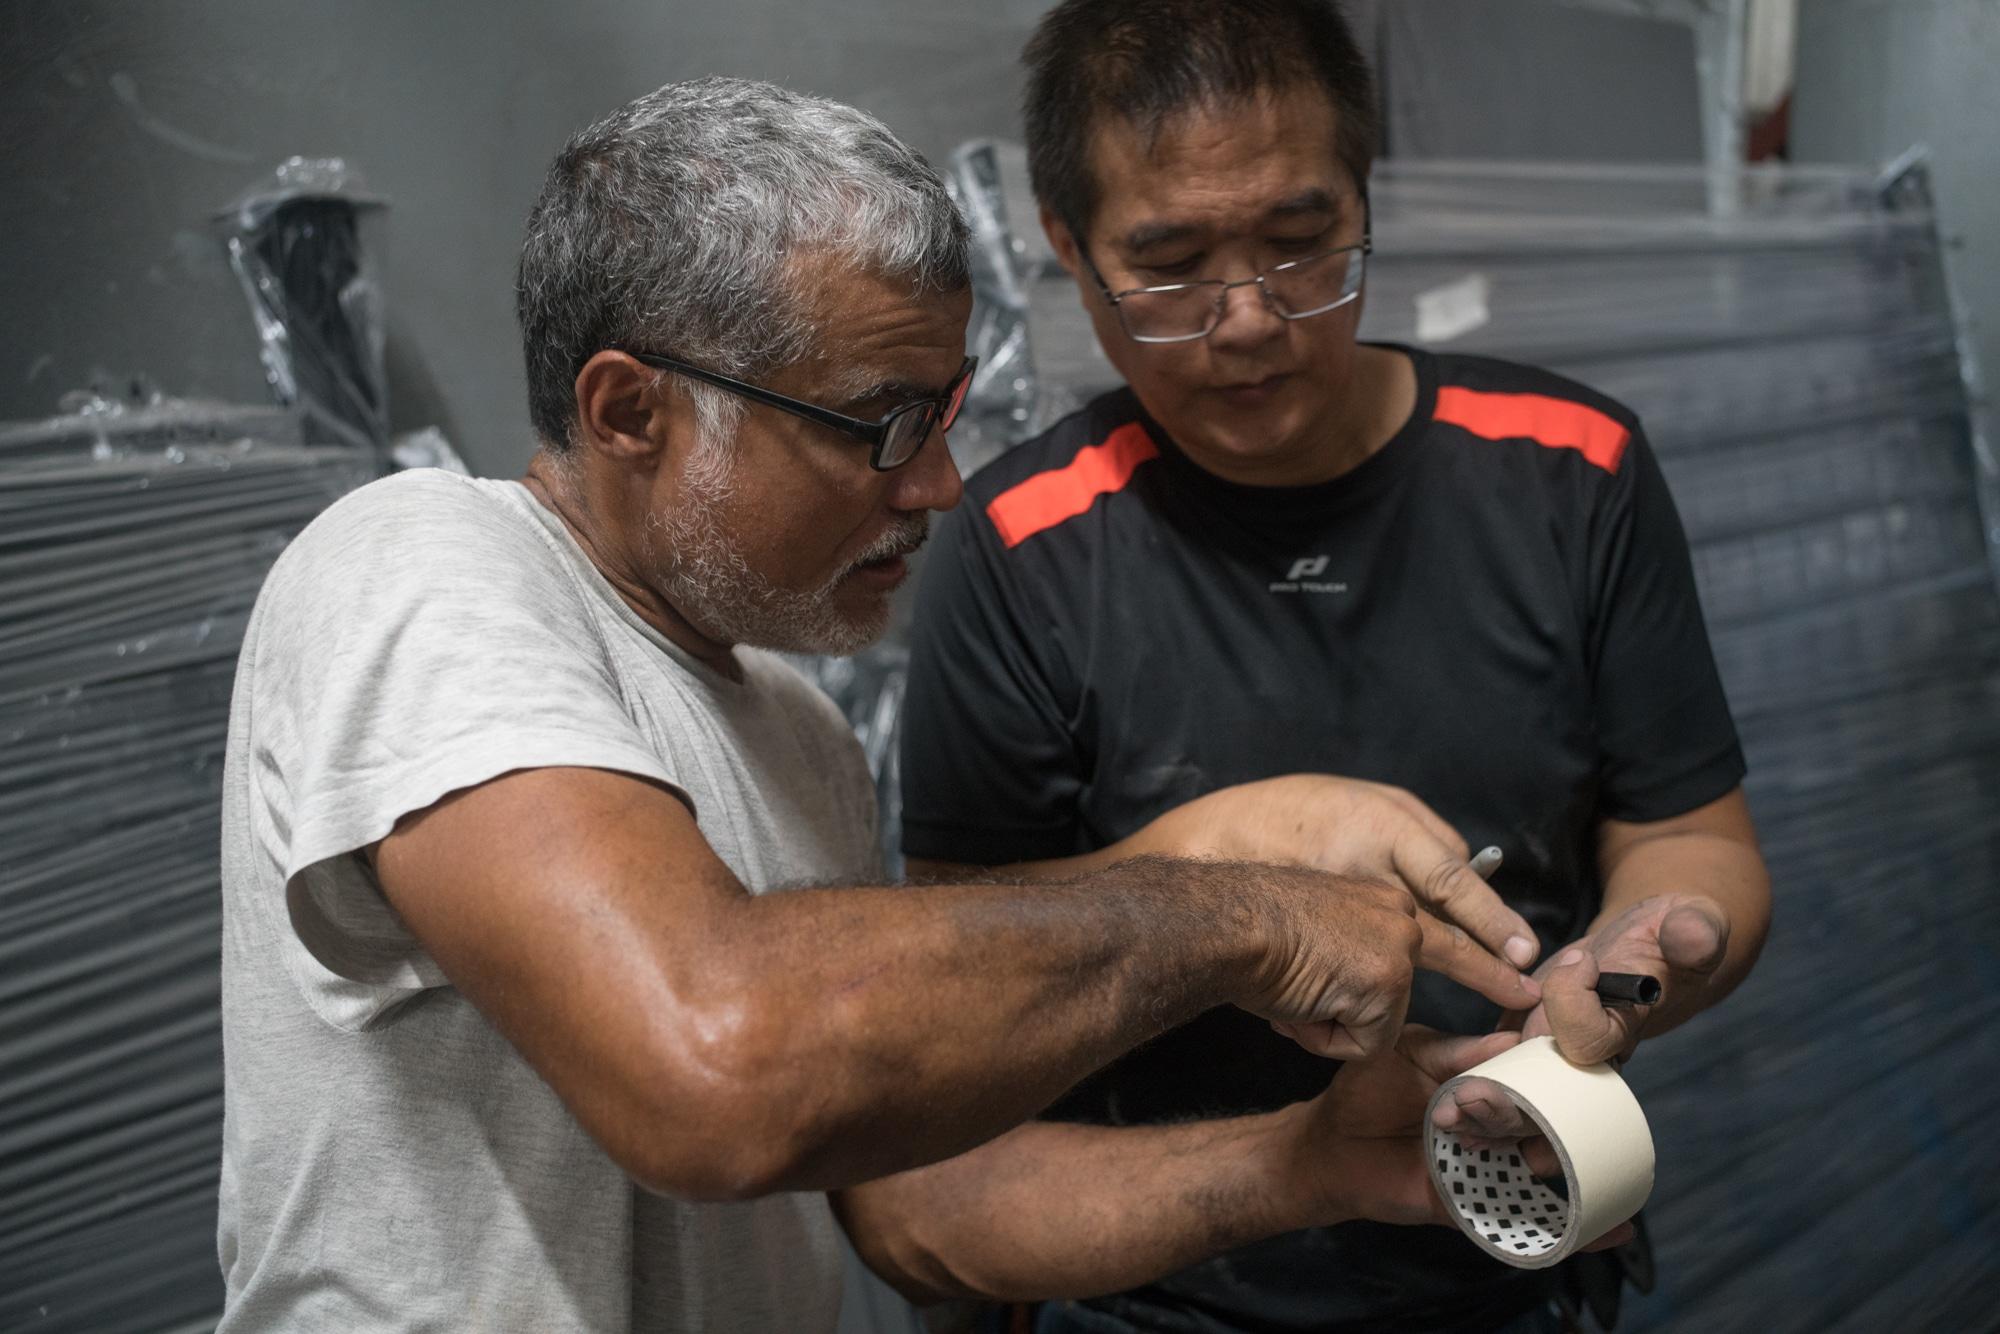 Jean-Claude montre à un homme la main de celui-ci, qui tient un stylo.